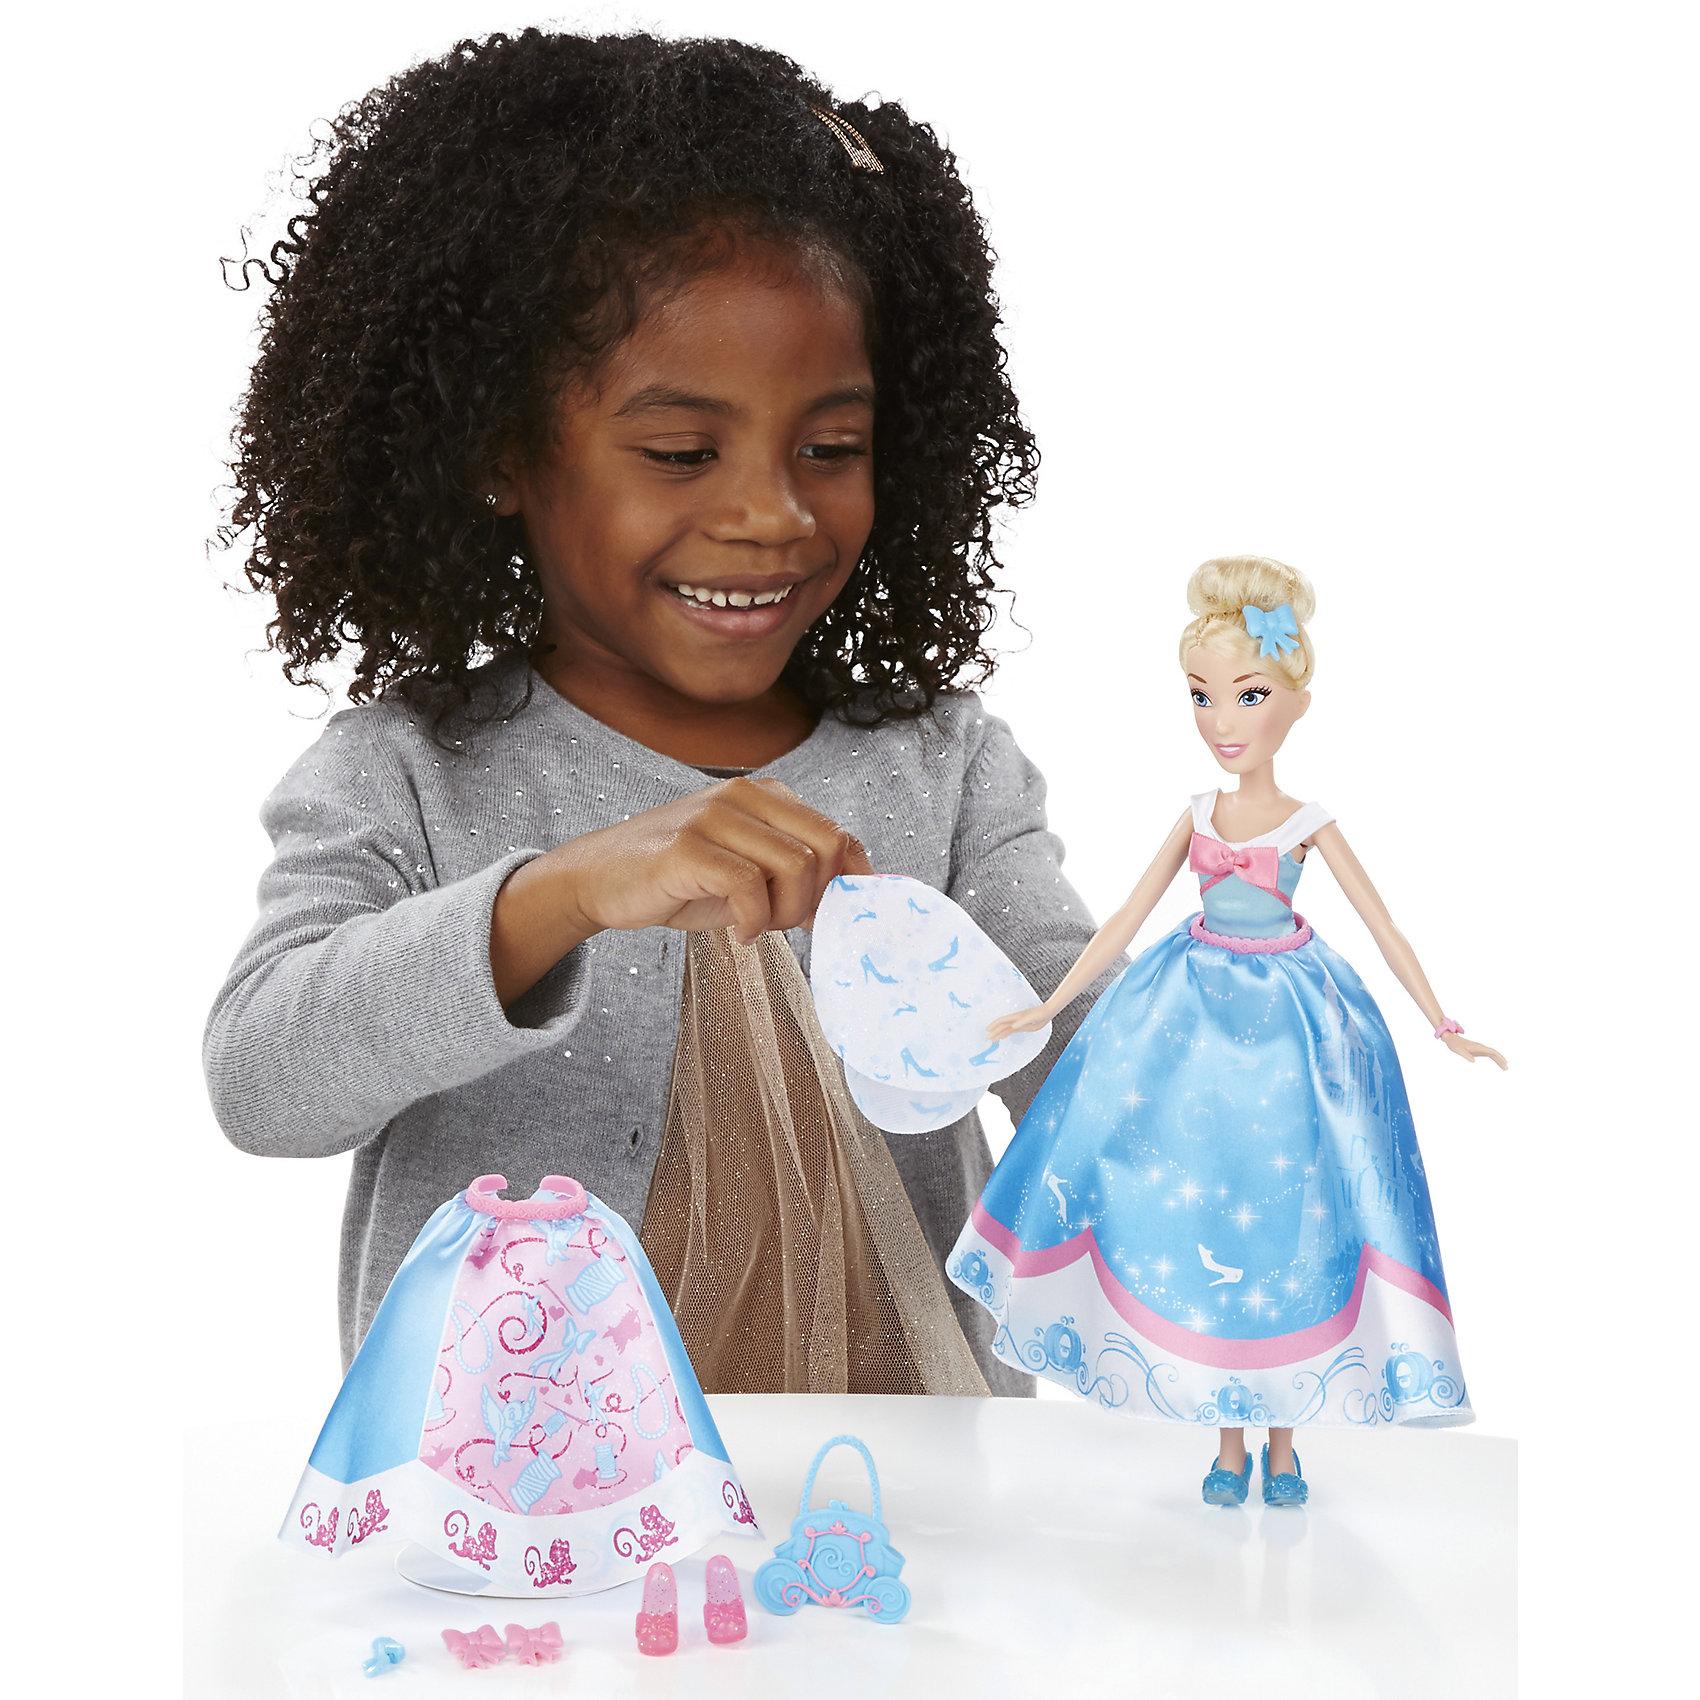 Hasbro Кукла Золушка в  платье со сменными юбками, Принцессы Дисней, B5312/B5314 hasbro мини кукла принцессы дисней